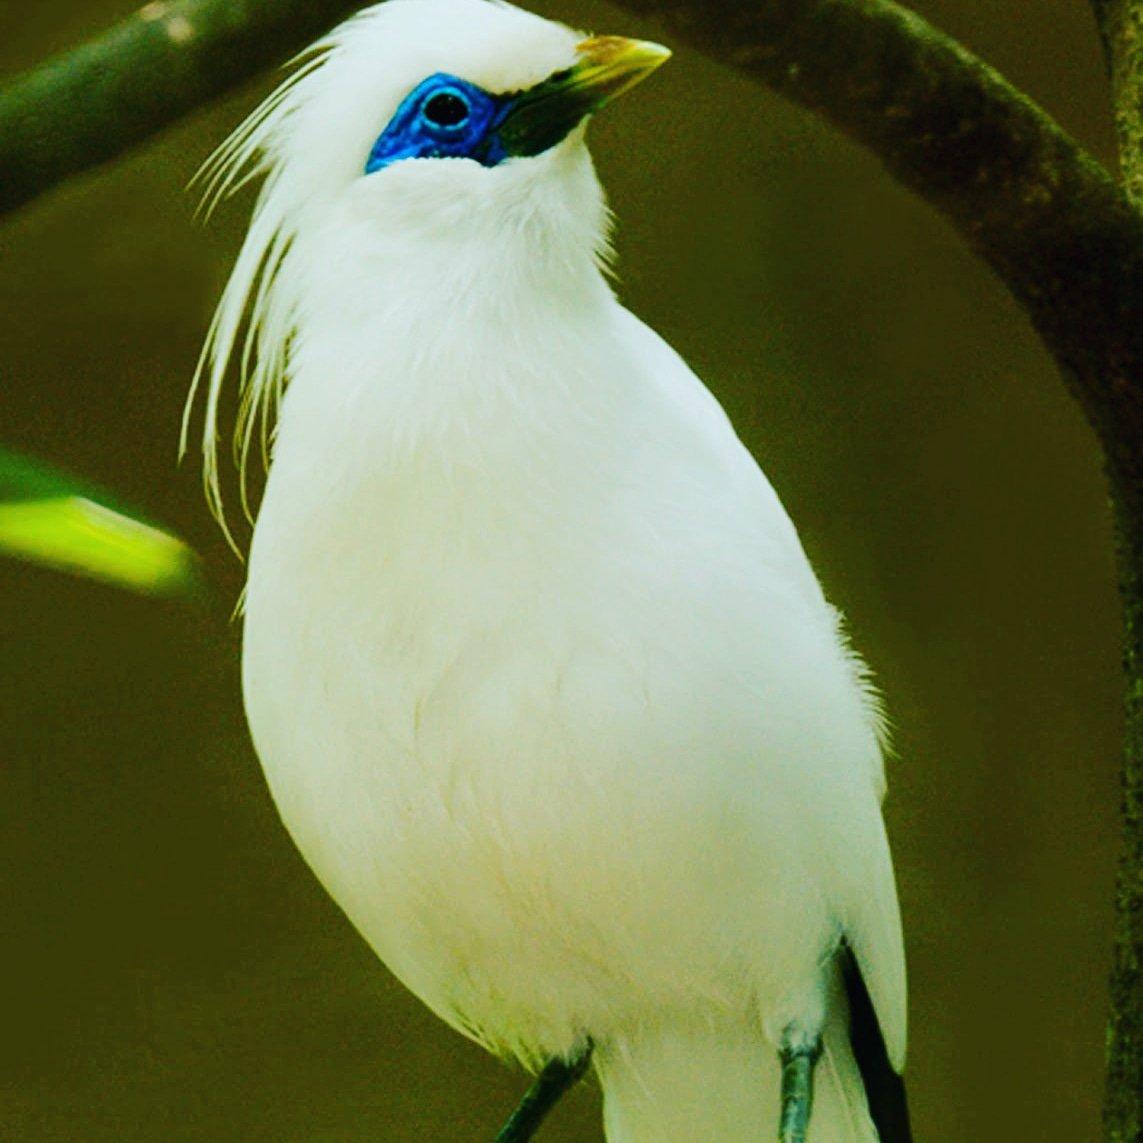 700 Gambar Hewan Burung Jalak Terbaik